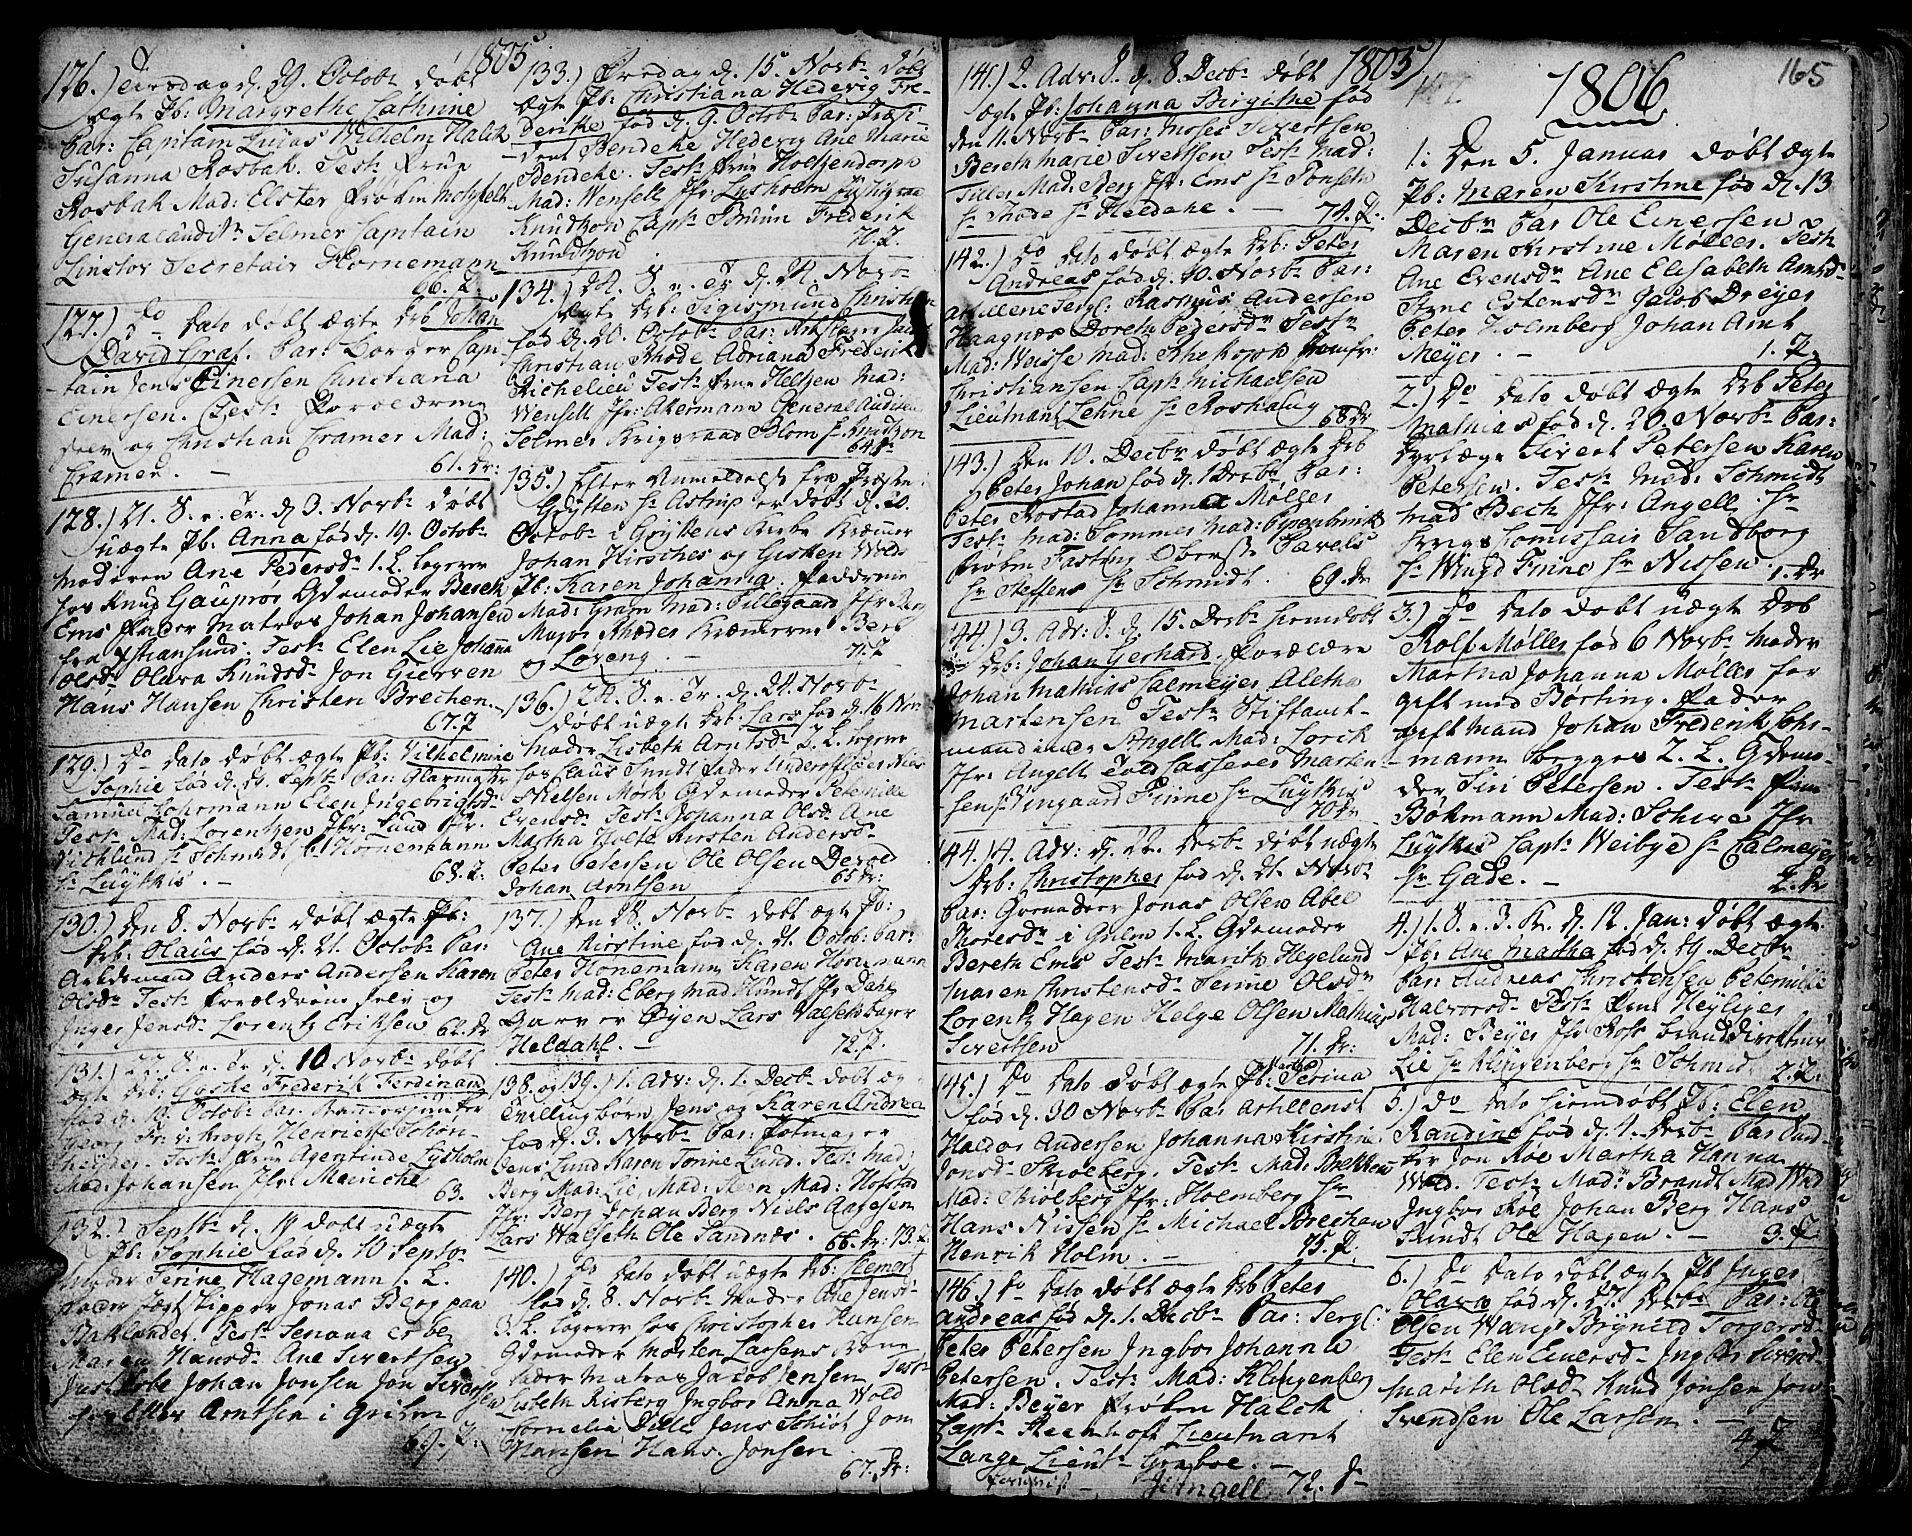 SAT, Ministerialprotokoller, klokkerbøker og fødselsregistre - Sør-Trøndelag, 601/L0039: Ministerialbok nr. 601A07, 1770-1819, s. 165